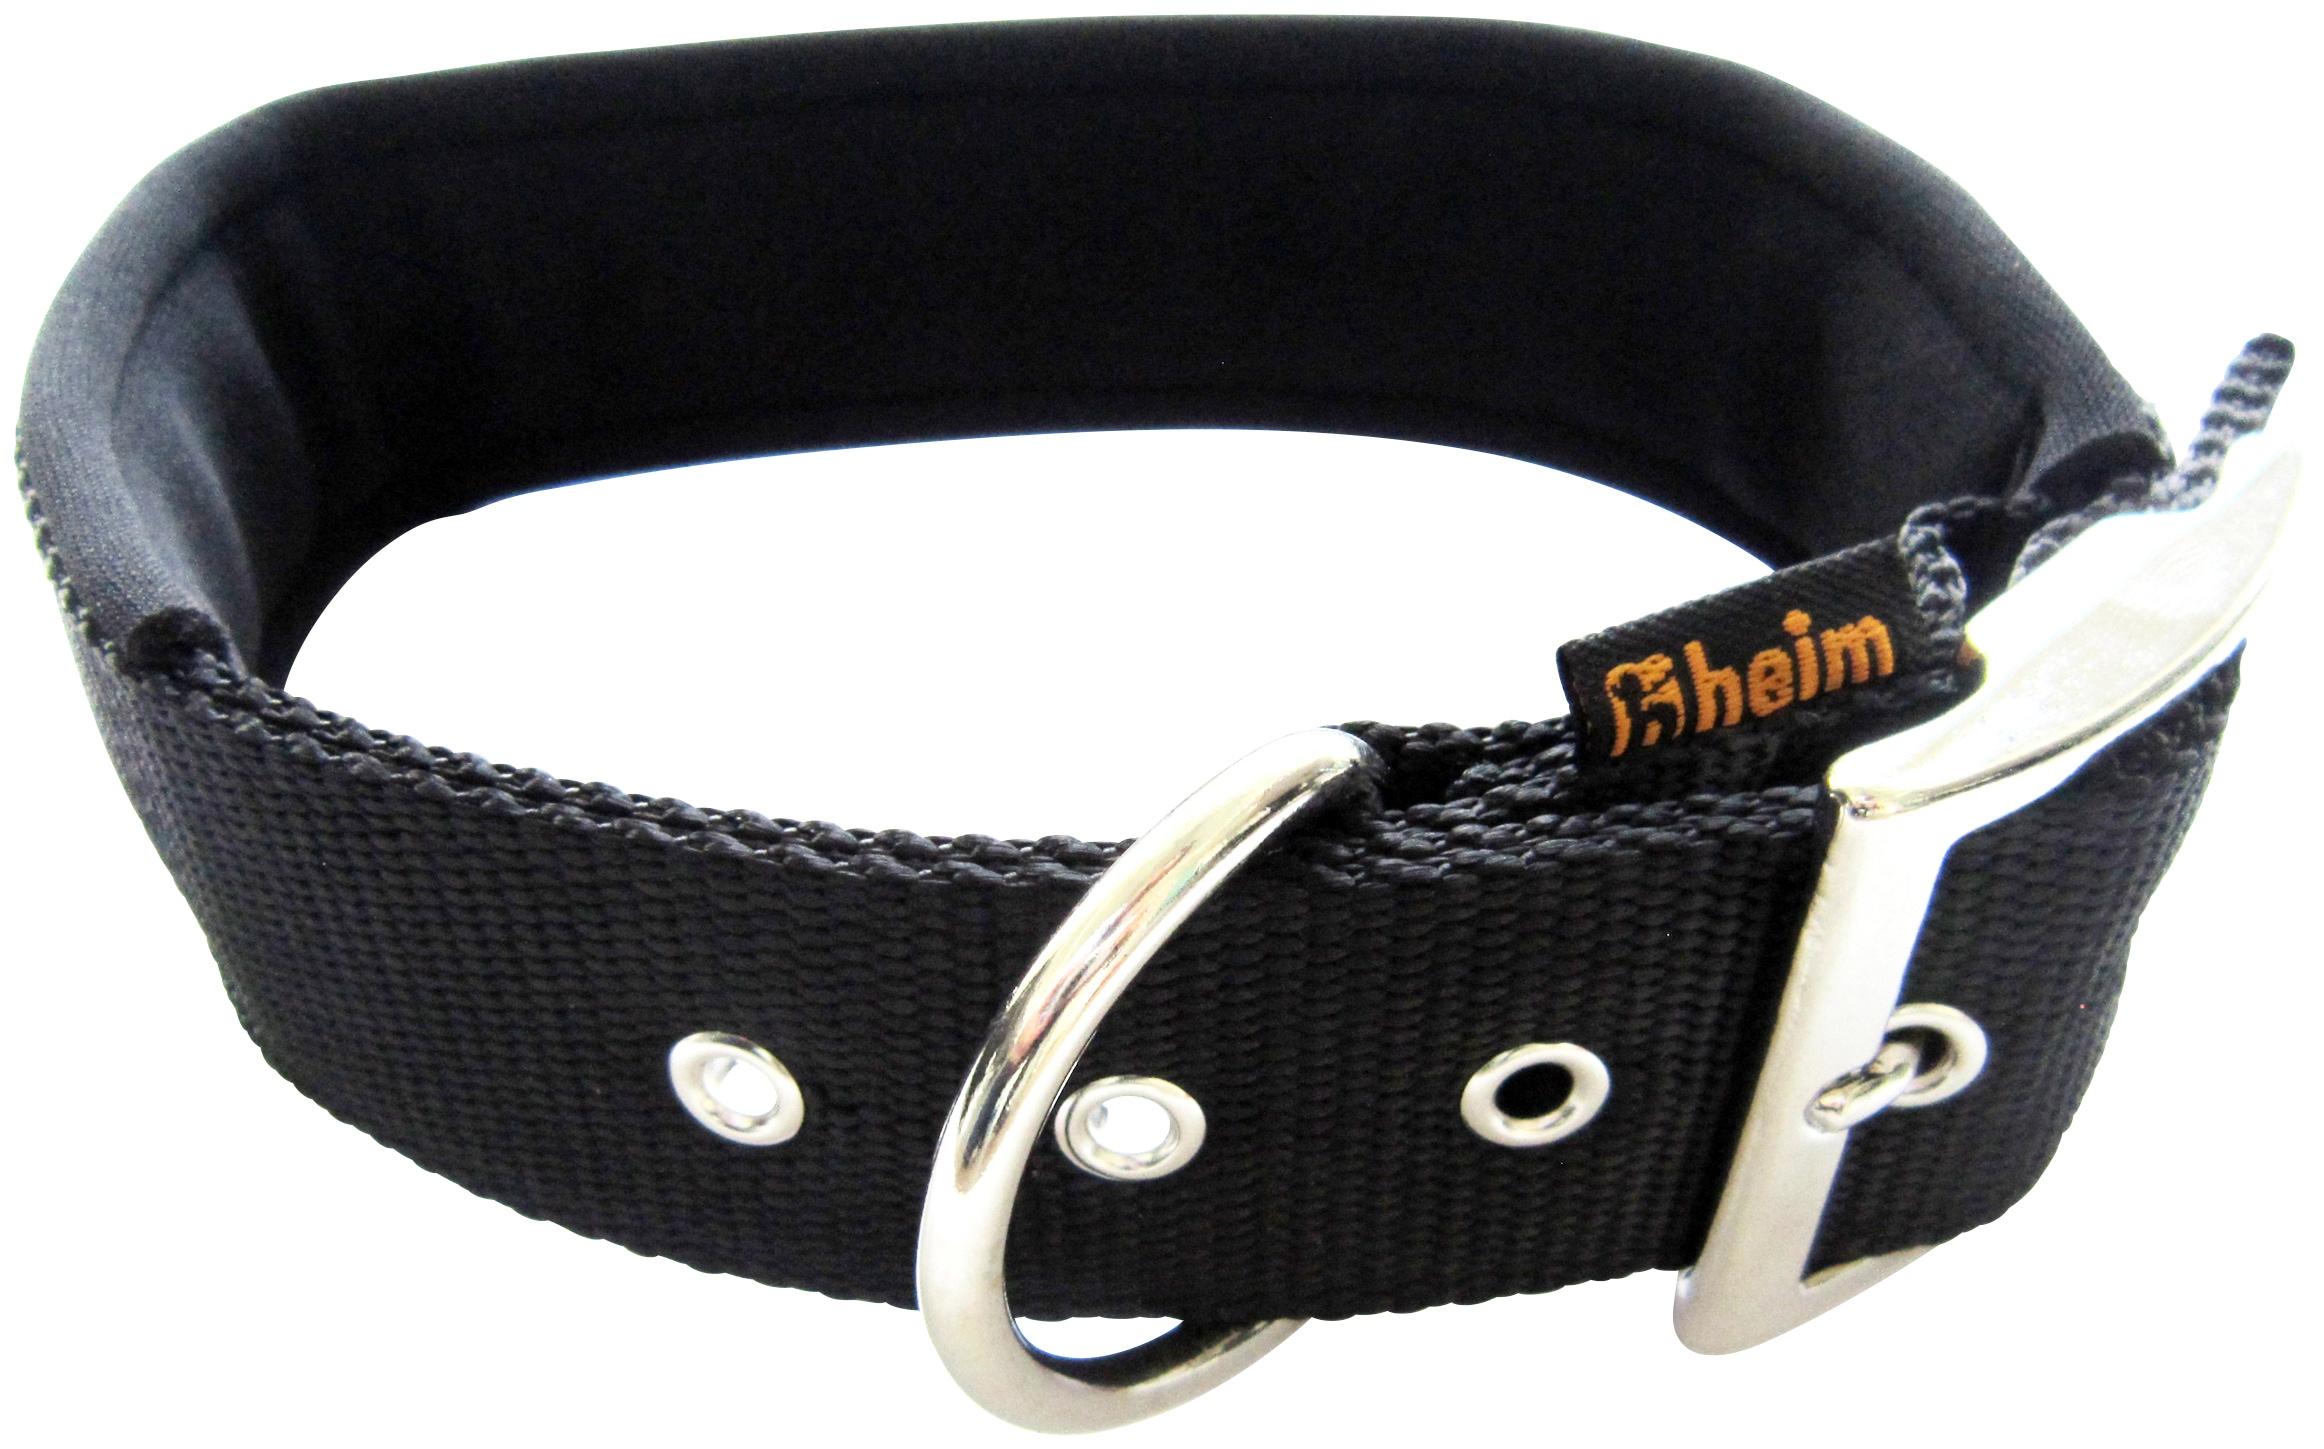 HEIM Hunde-Halsband, Nylon, mit Neopren-Futter, Länge: 60 cm schwarz Hunde-Halsband Hundehalsbänder Hund Tierbedarf